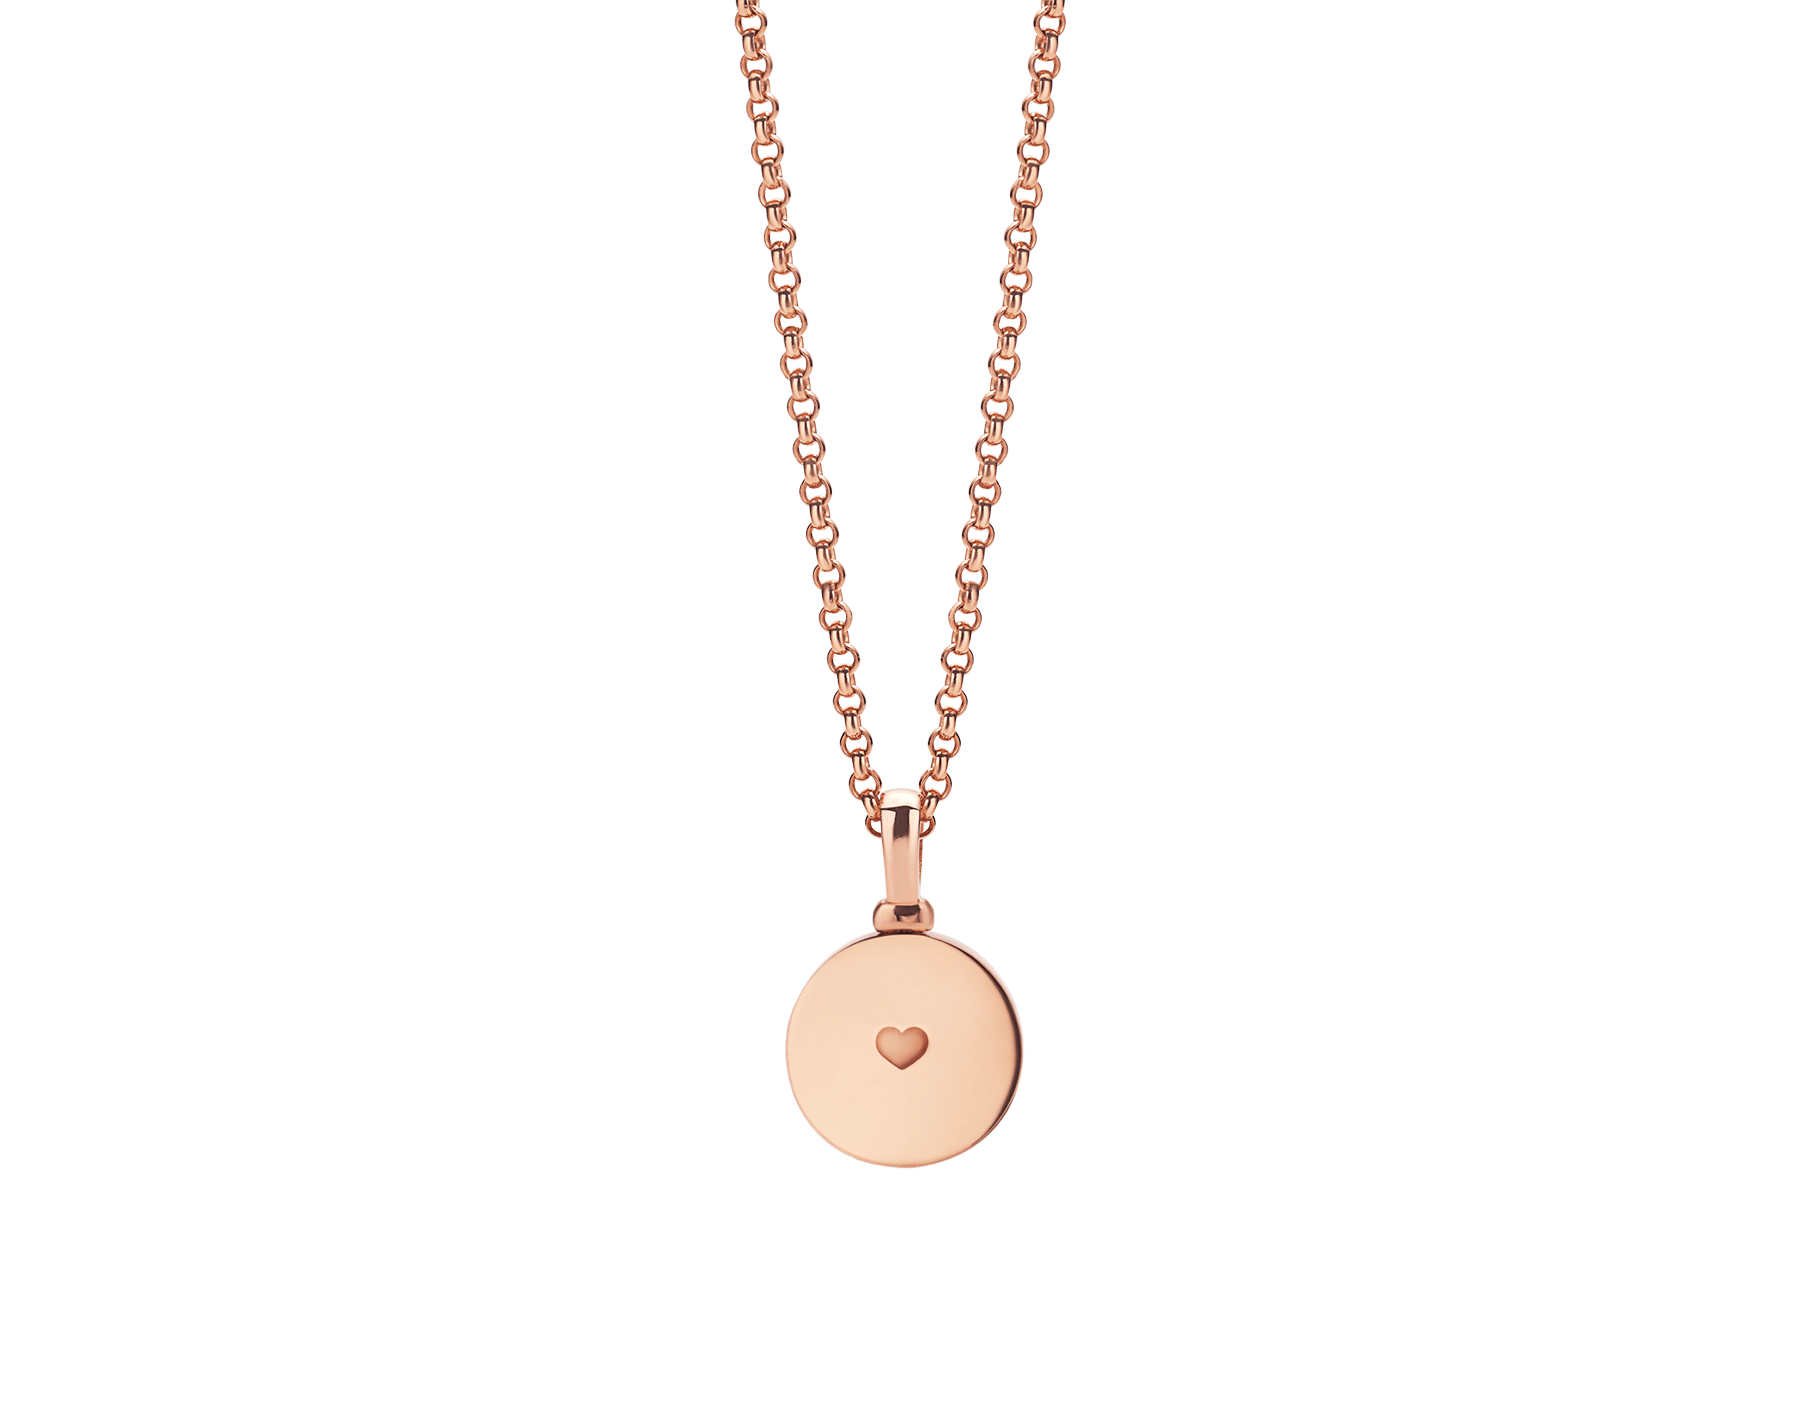 Collar con colgante BVLGARI BVLGARI en oro rosa de 18qt con inserción de madreperla y personalizable con grabado en el reverso 358376 image 2